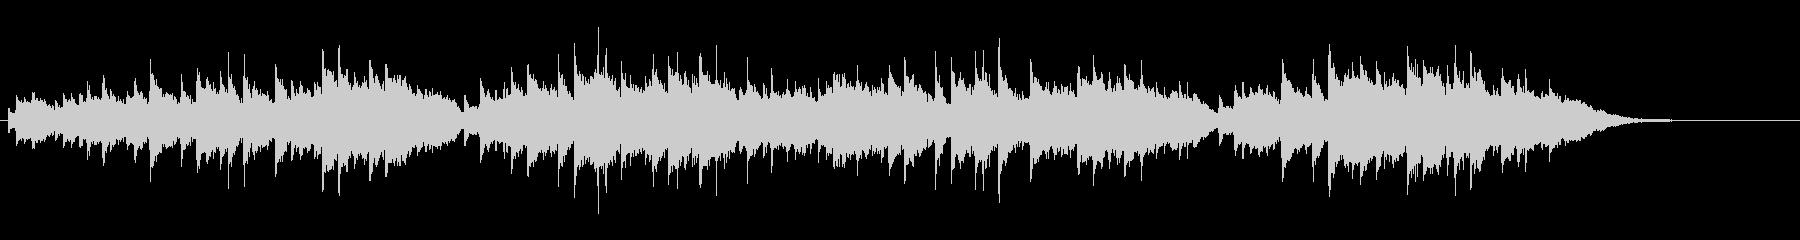 シシリエンヌ(フォーレ)*ピアノ独奏版の未再生の波形